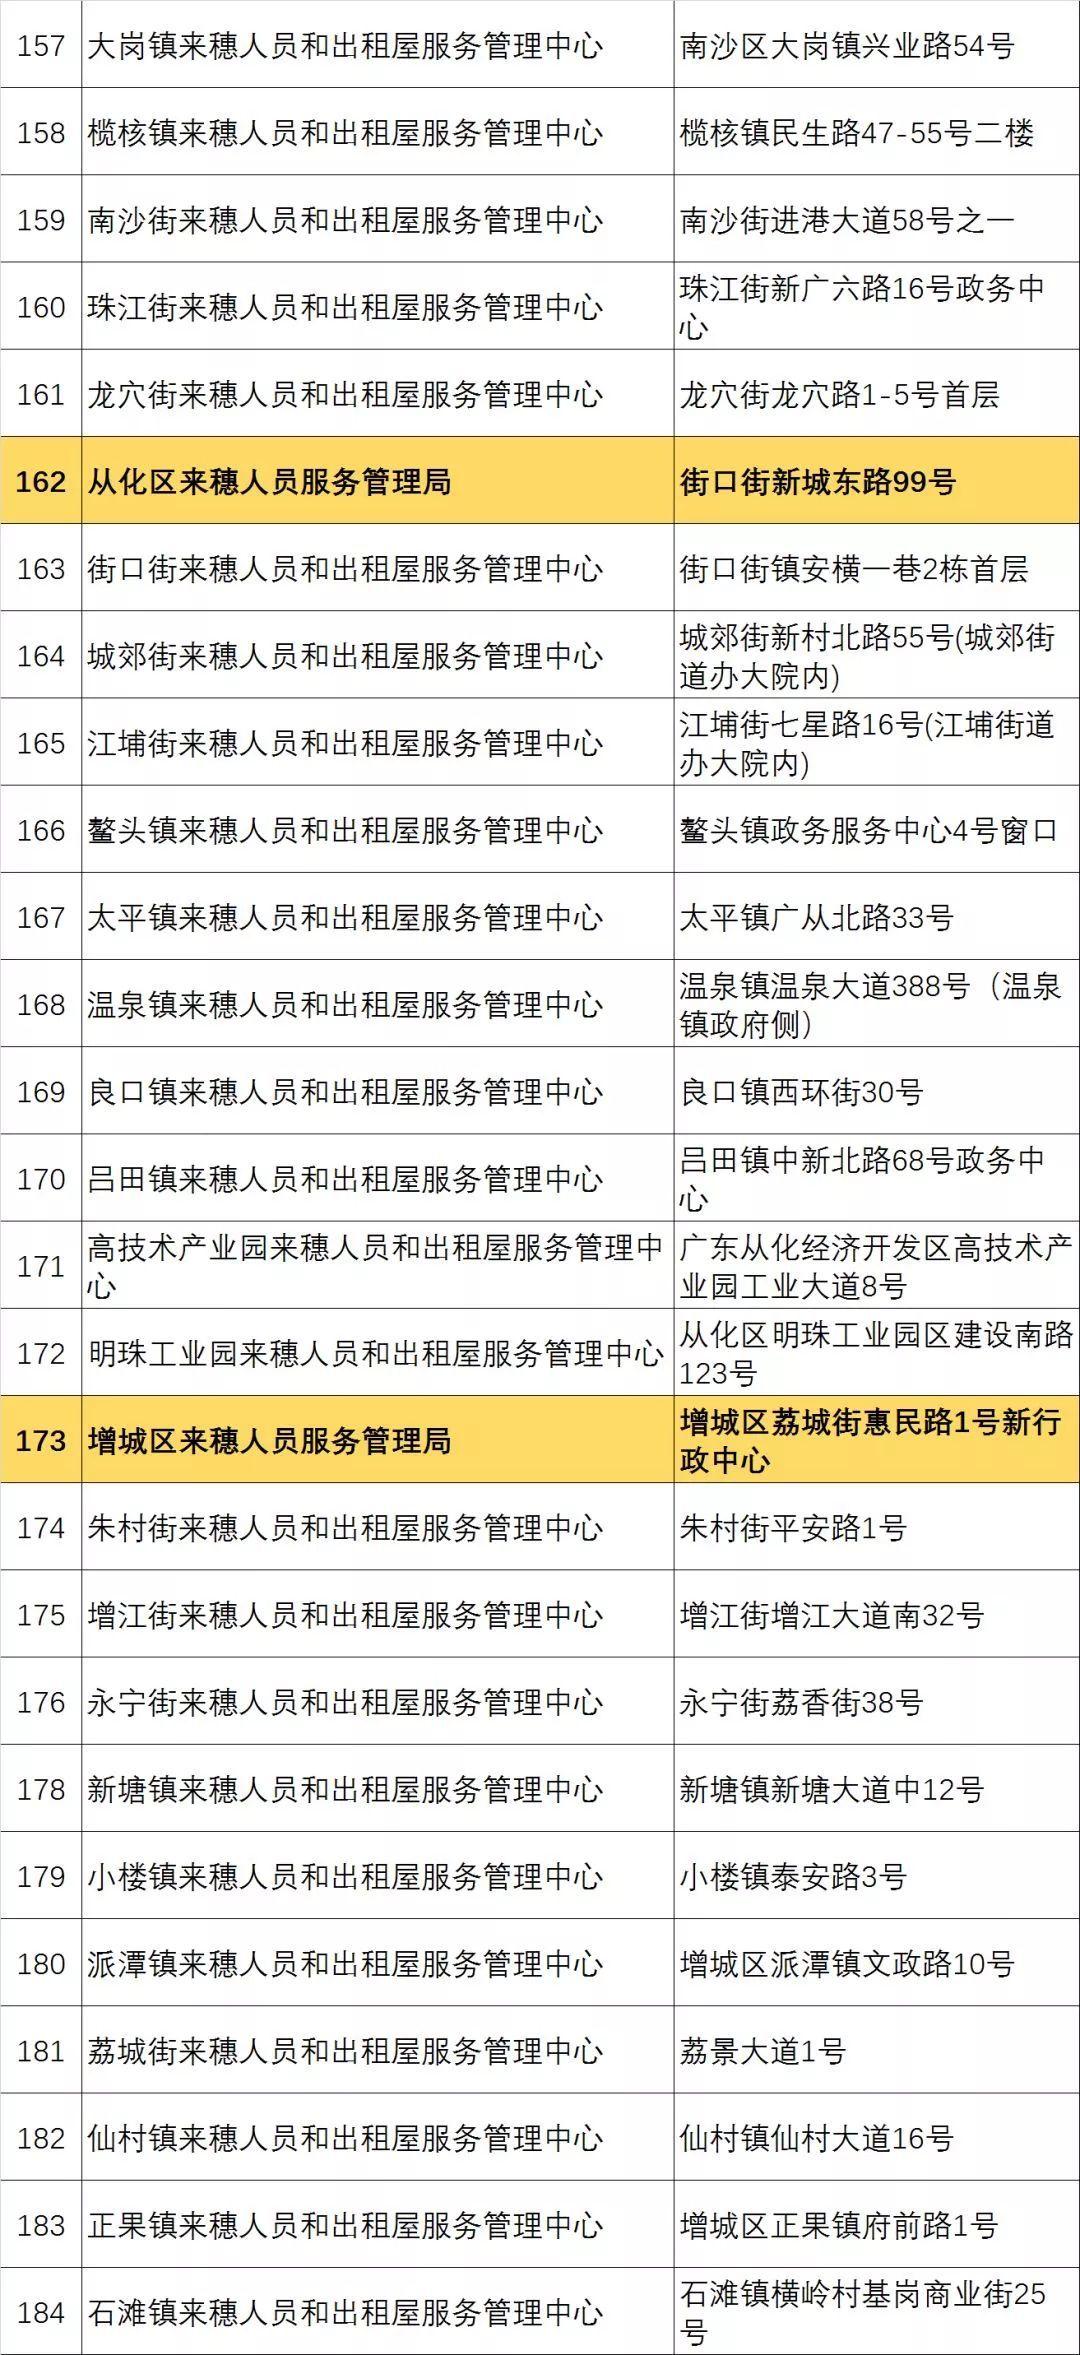 广州市房屋借用合同_房屋租赁合同备案这么重要,你知道怎么办吗_手续